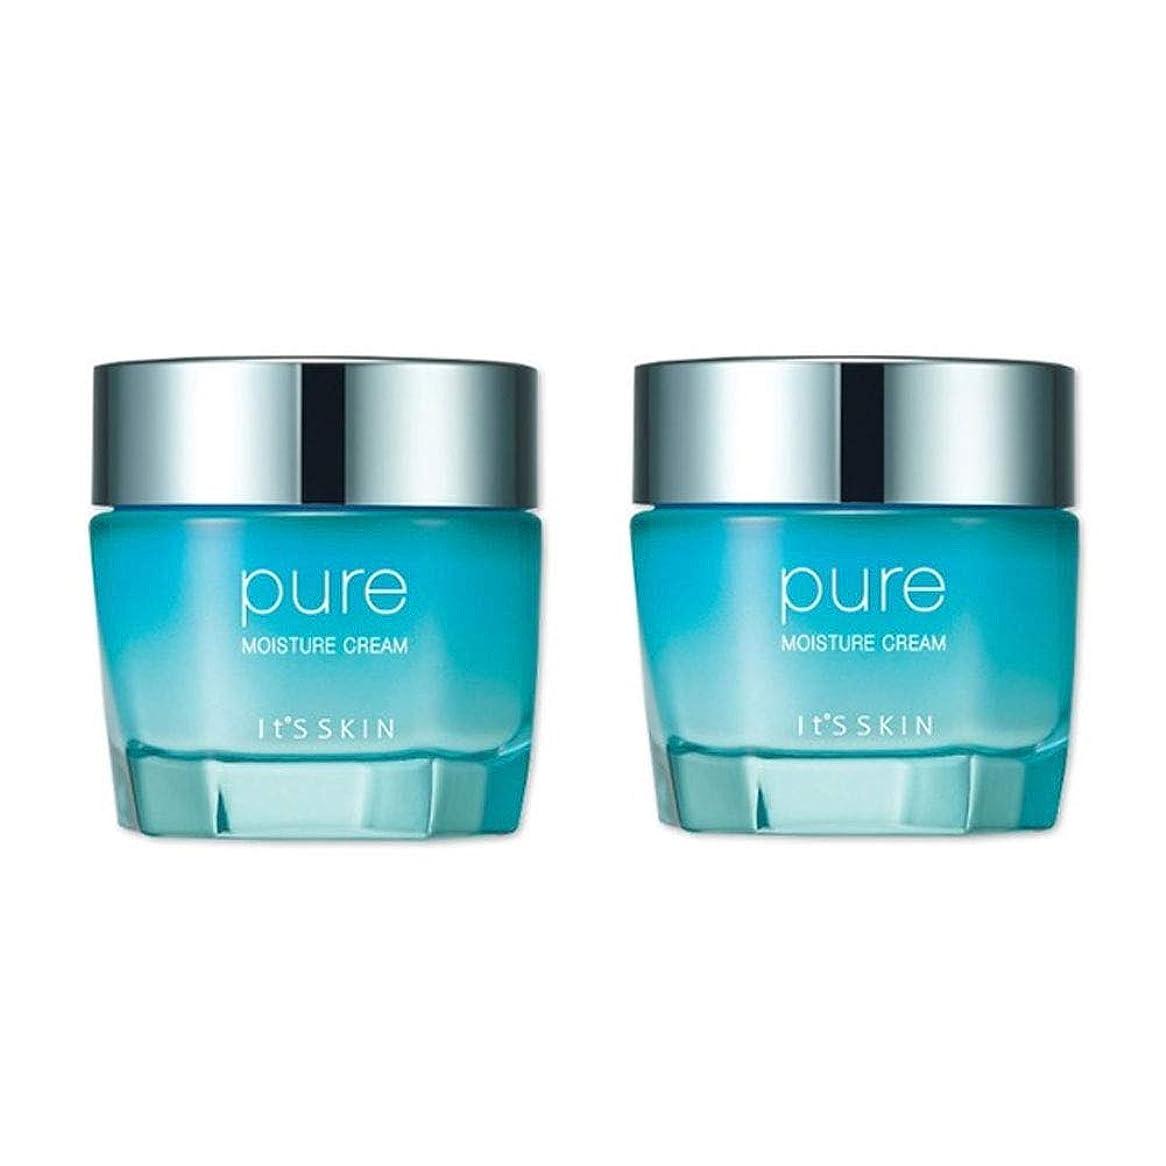 見習い更新する検出イッツスキンの純粋な水分クリーム100mlx 2本セット、It's Skin Pure Moisture Cream 100mlx 2ea Set [並行輸入品]